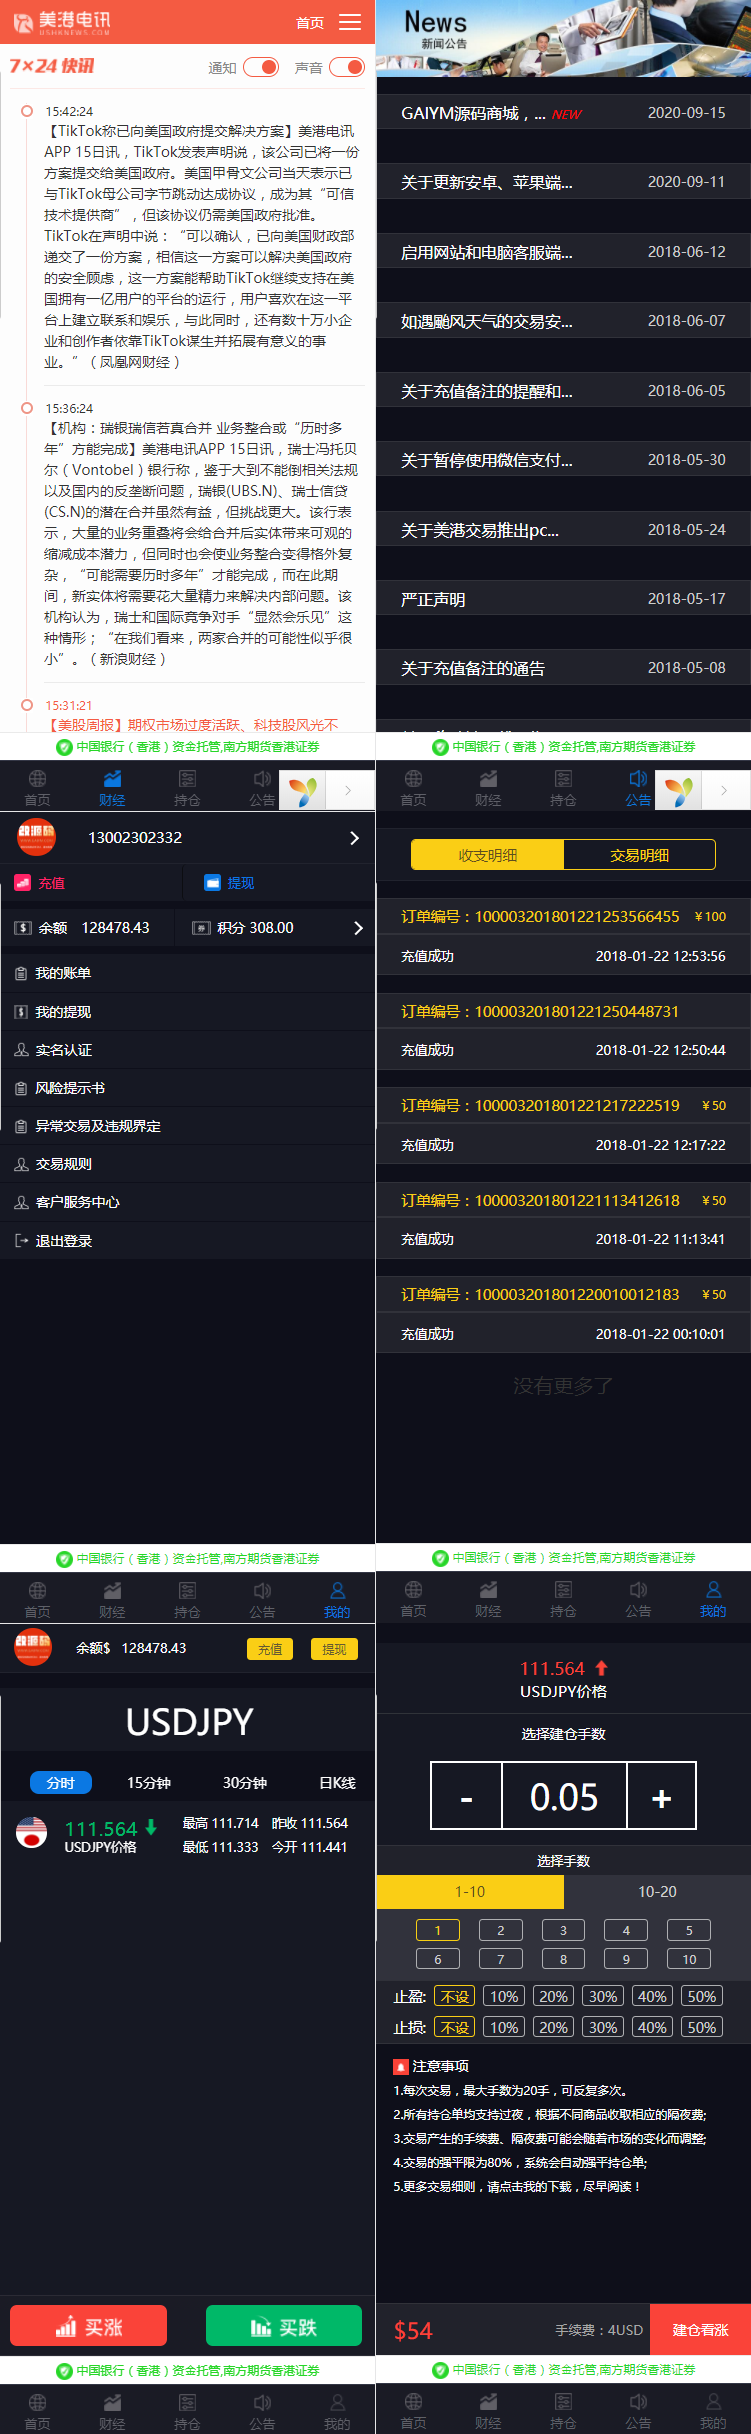 最新更新yii框架美港版外汇股指手动结算点位盘非时间盘+完善风控系统+完整数据